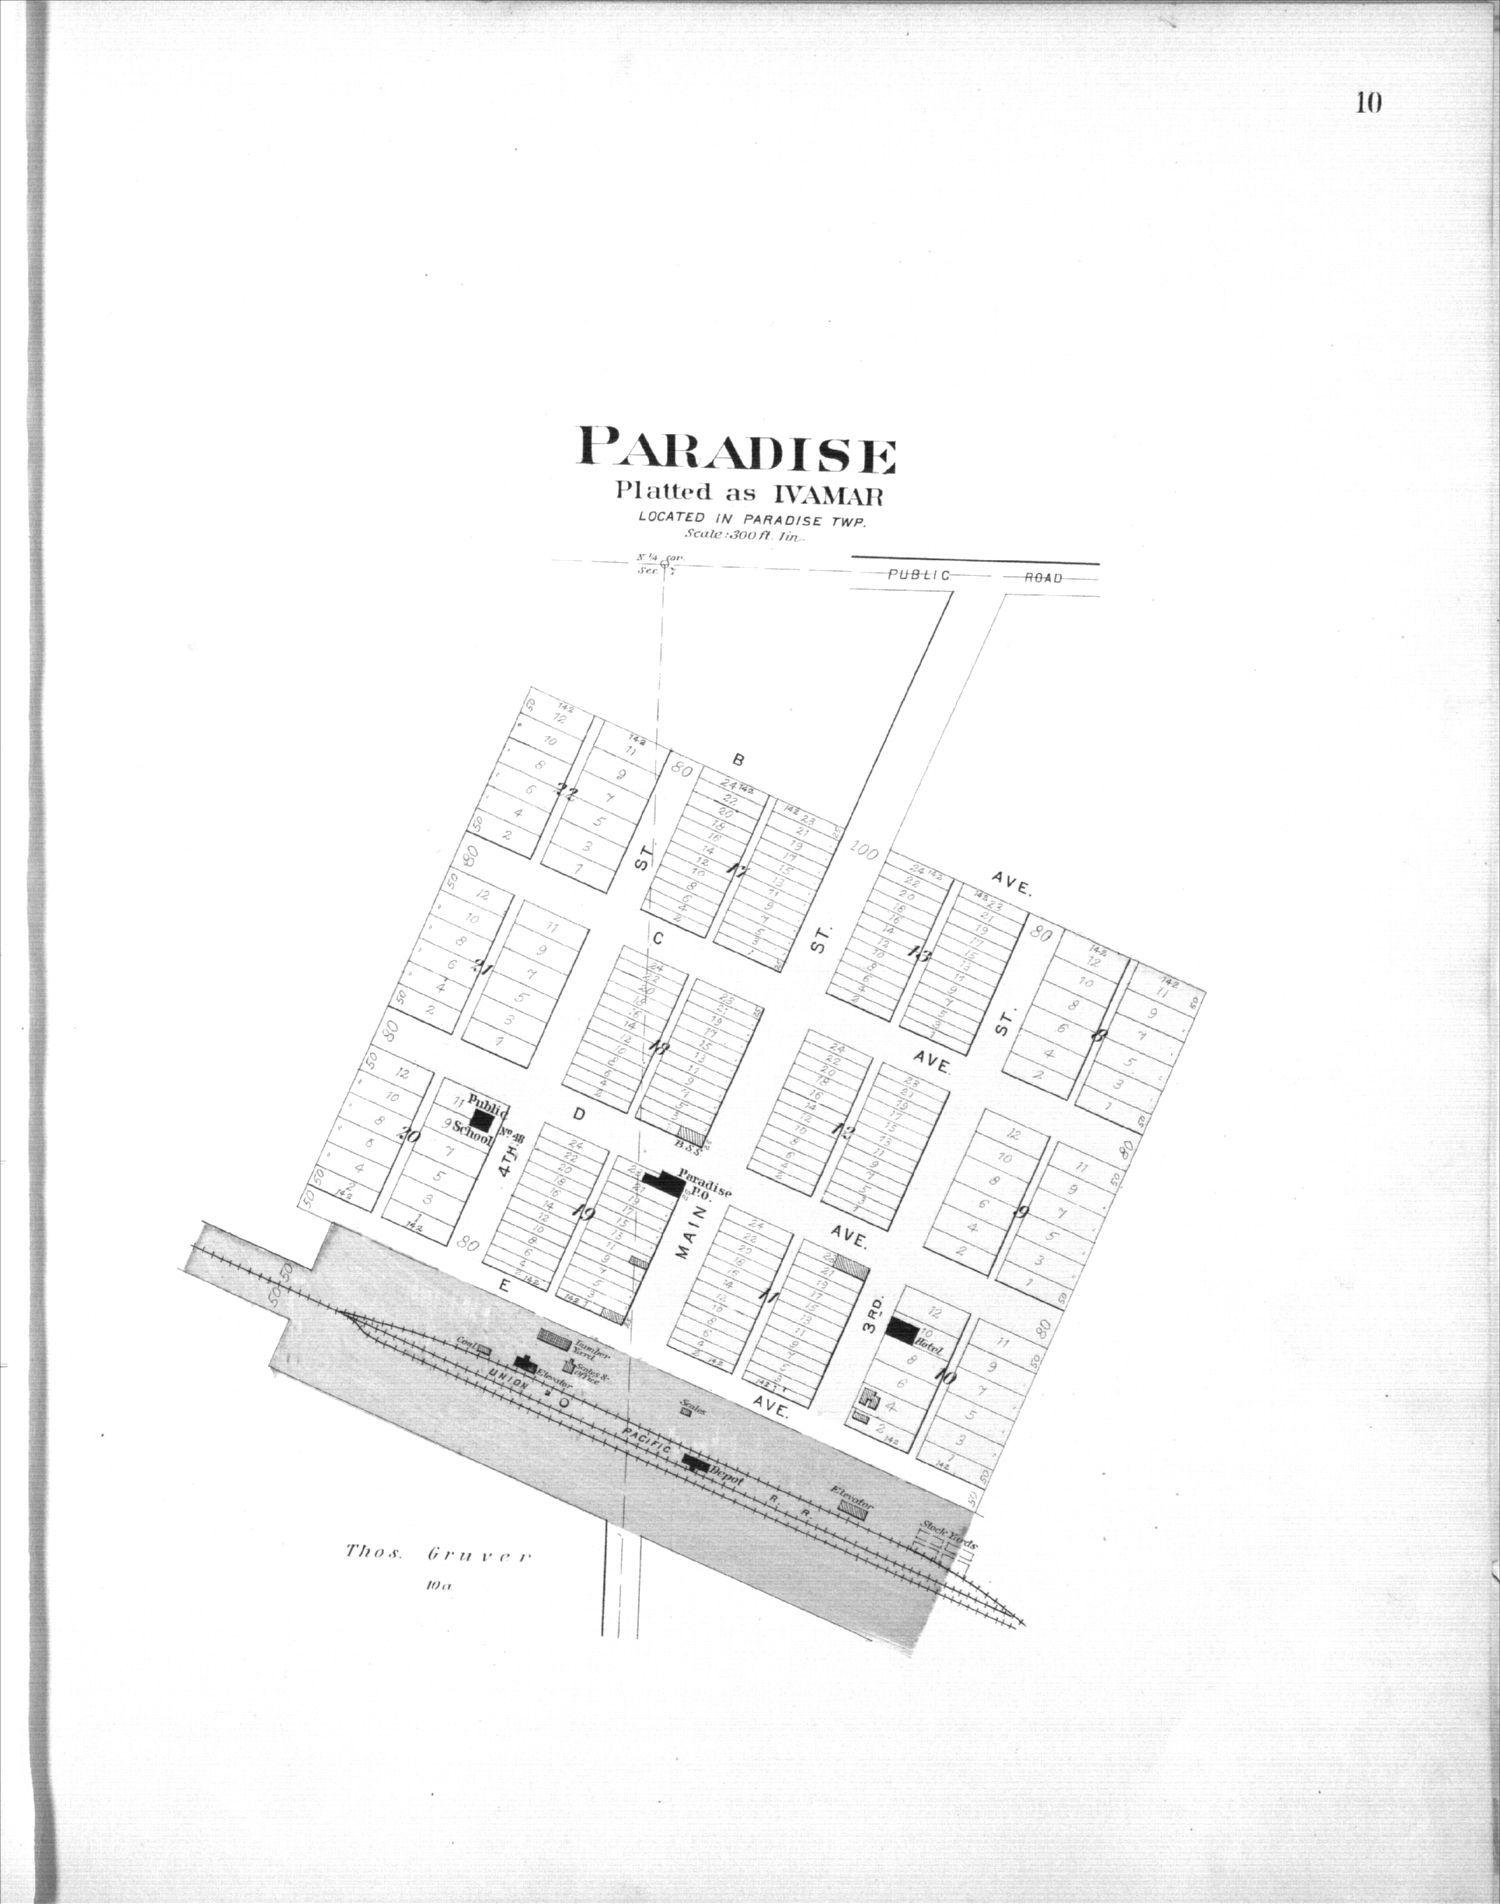 Plat book, Russell County, Kansas - 10